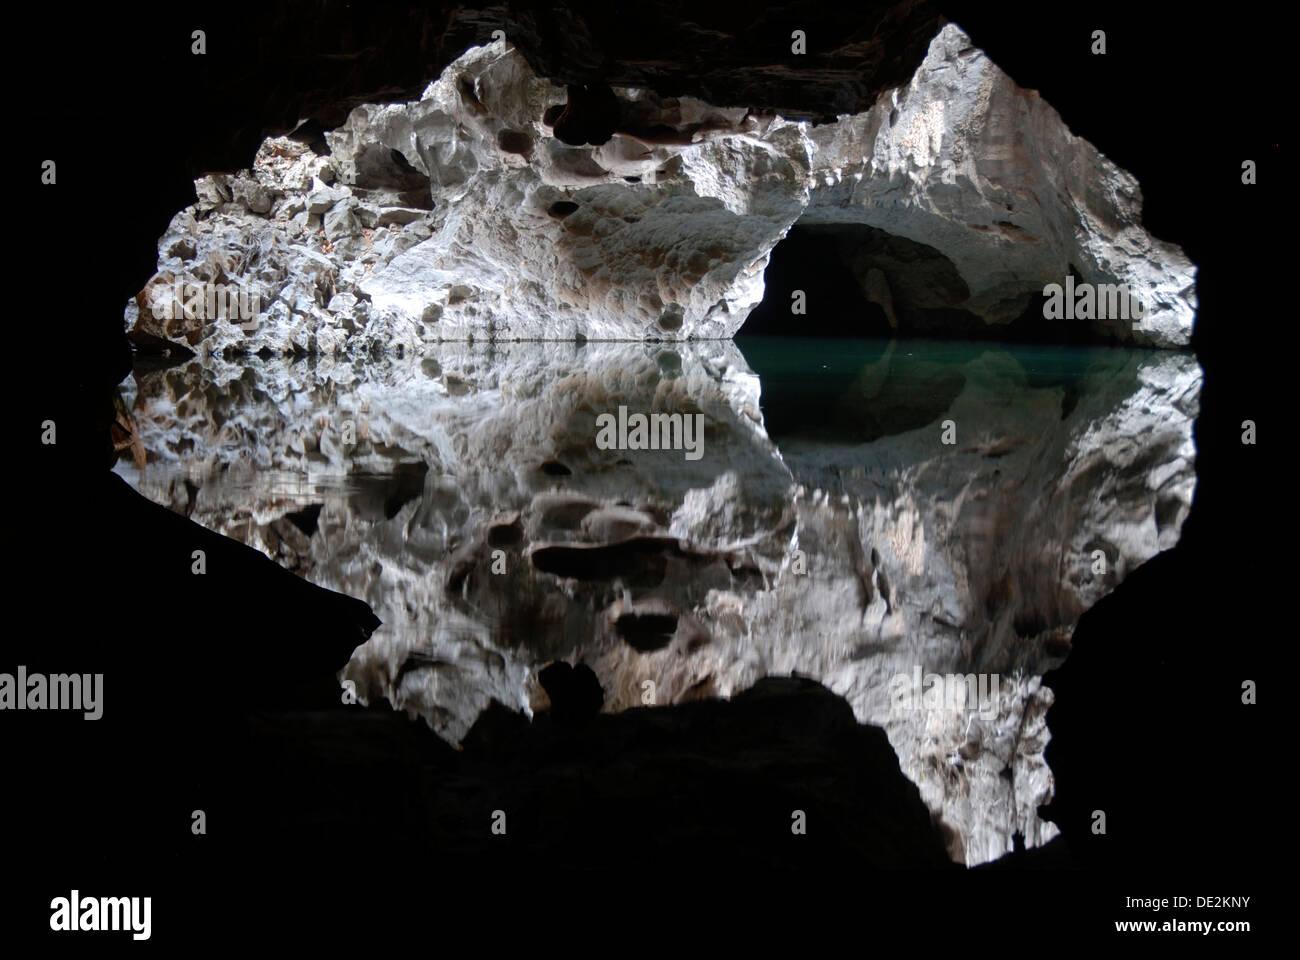 Espeleología, espeleología y tranquilo lago, la reflexión, el agua en el Tham Pha en Khammuan Incave Thakek, provincia Khammouane, Laos Imagen De Stock